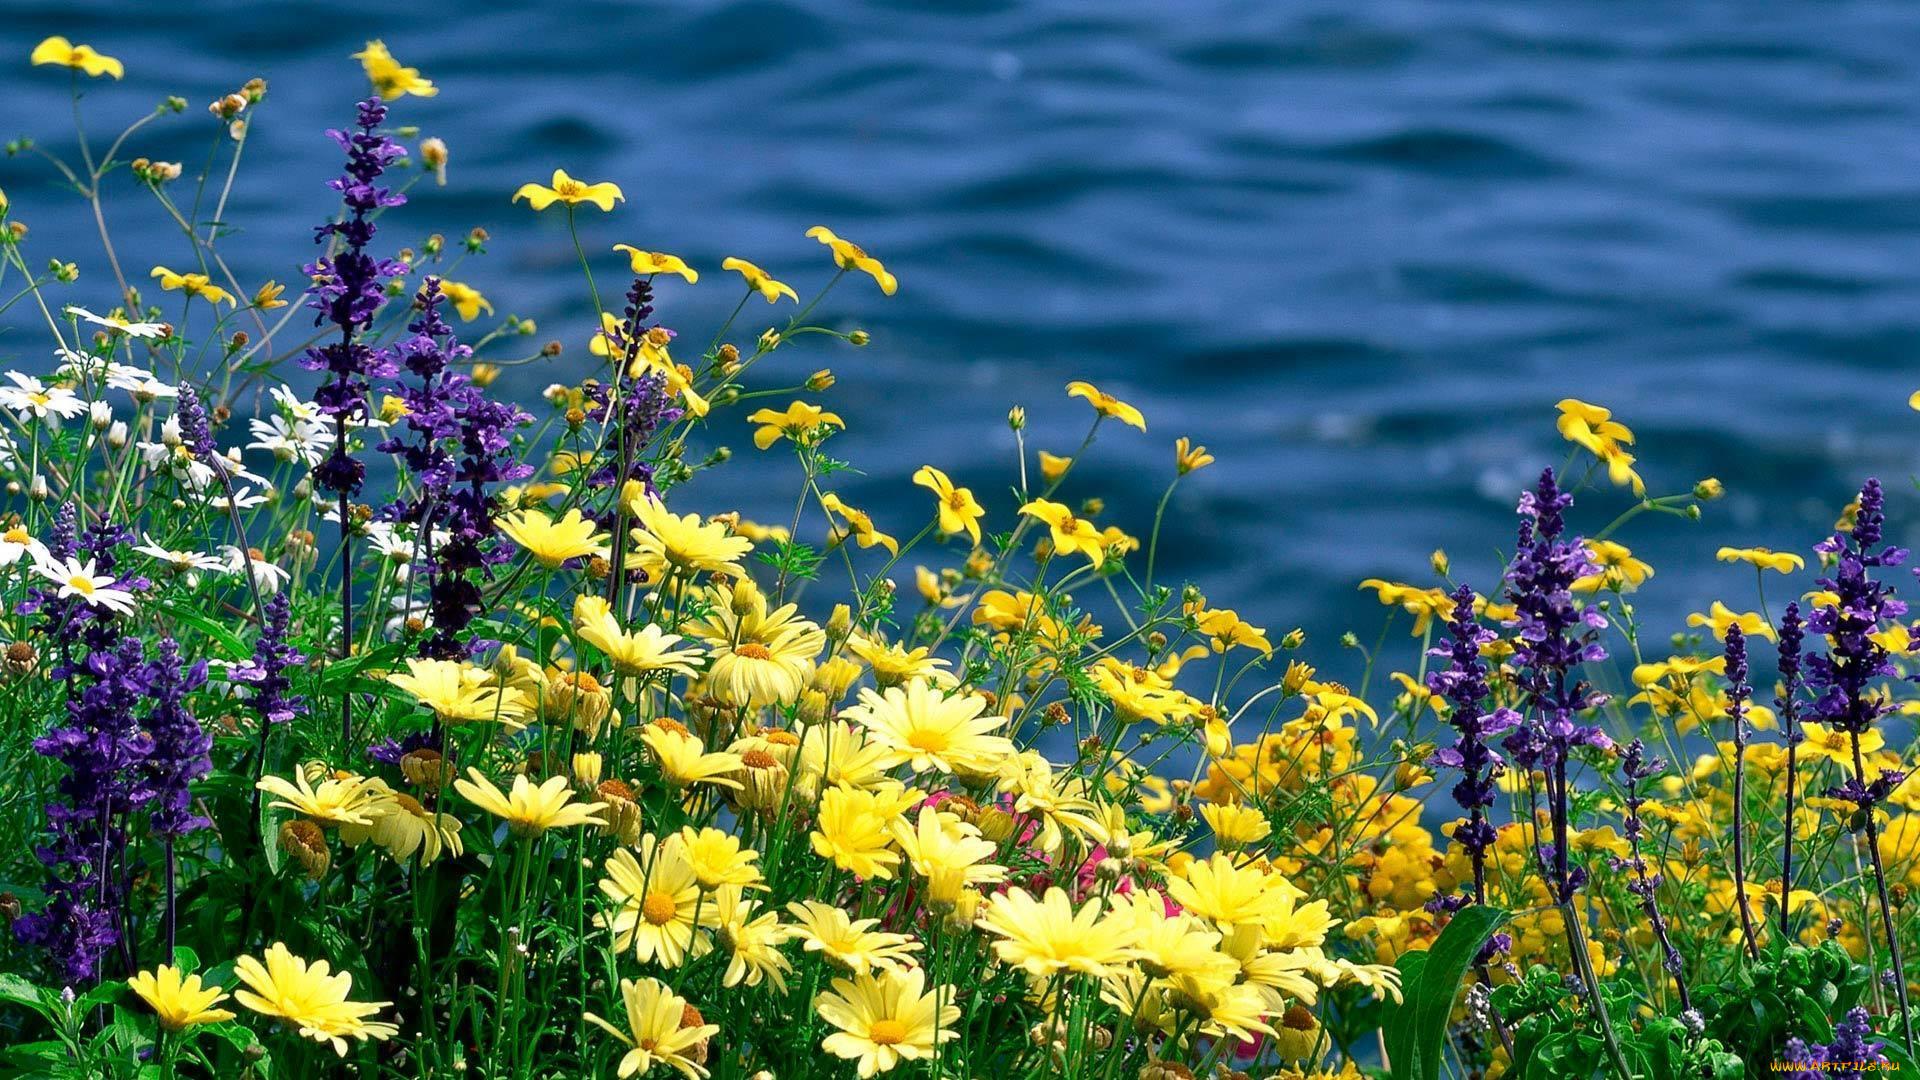 Лет свадьбы, картинки на рабочий стол полевые цветы самые красивые